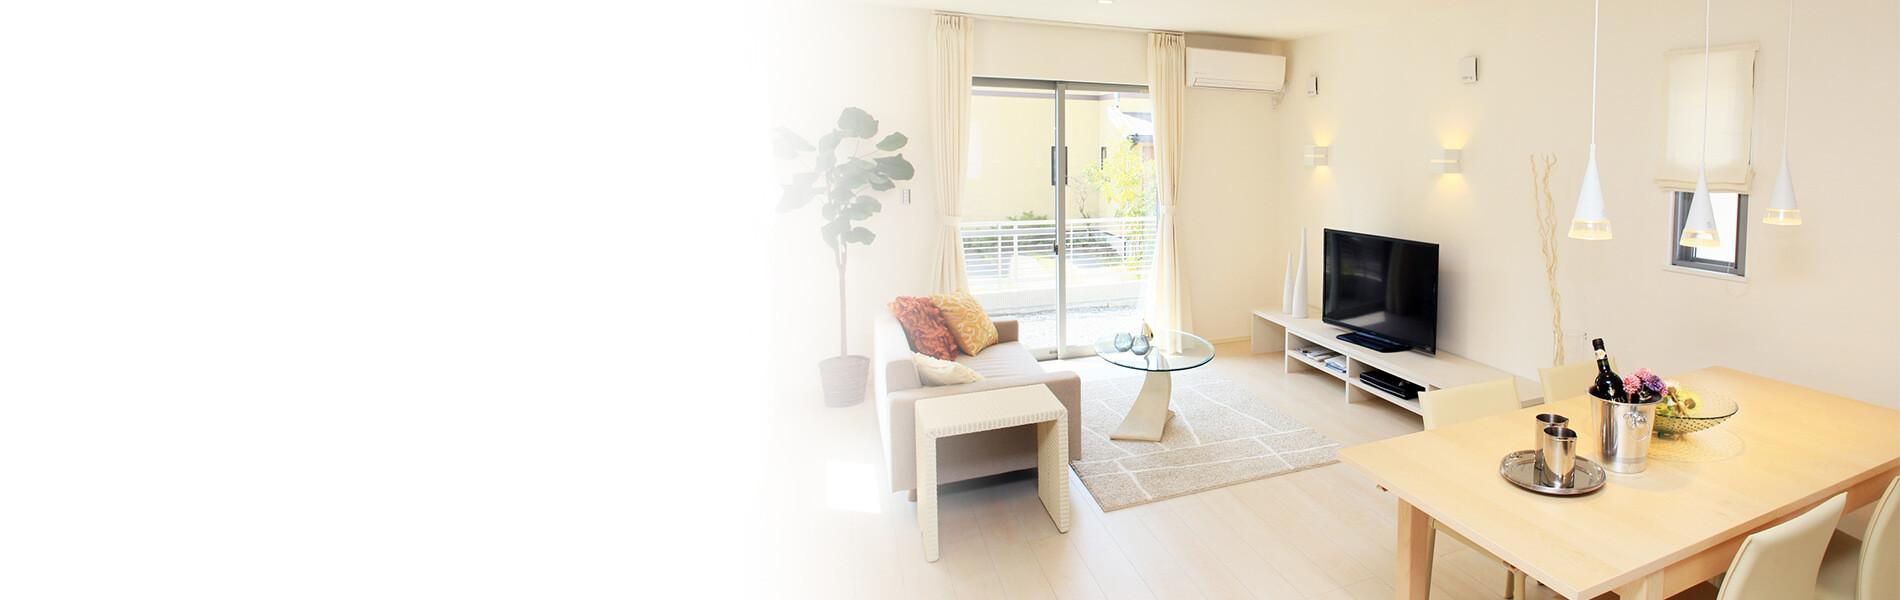 株式会社あるる 家具家電 レンタル 単品 可能